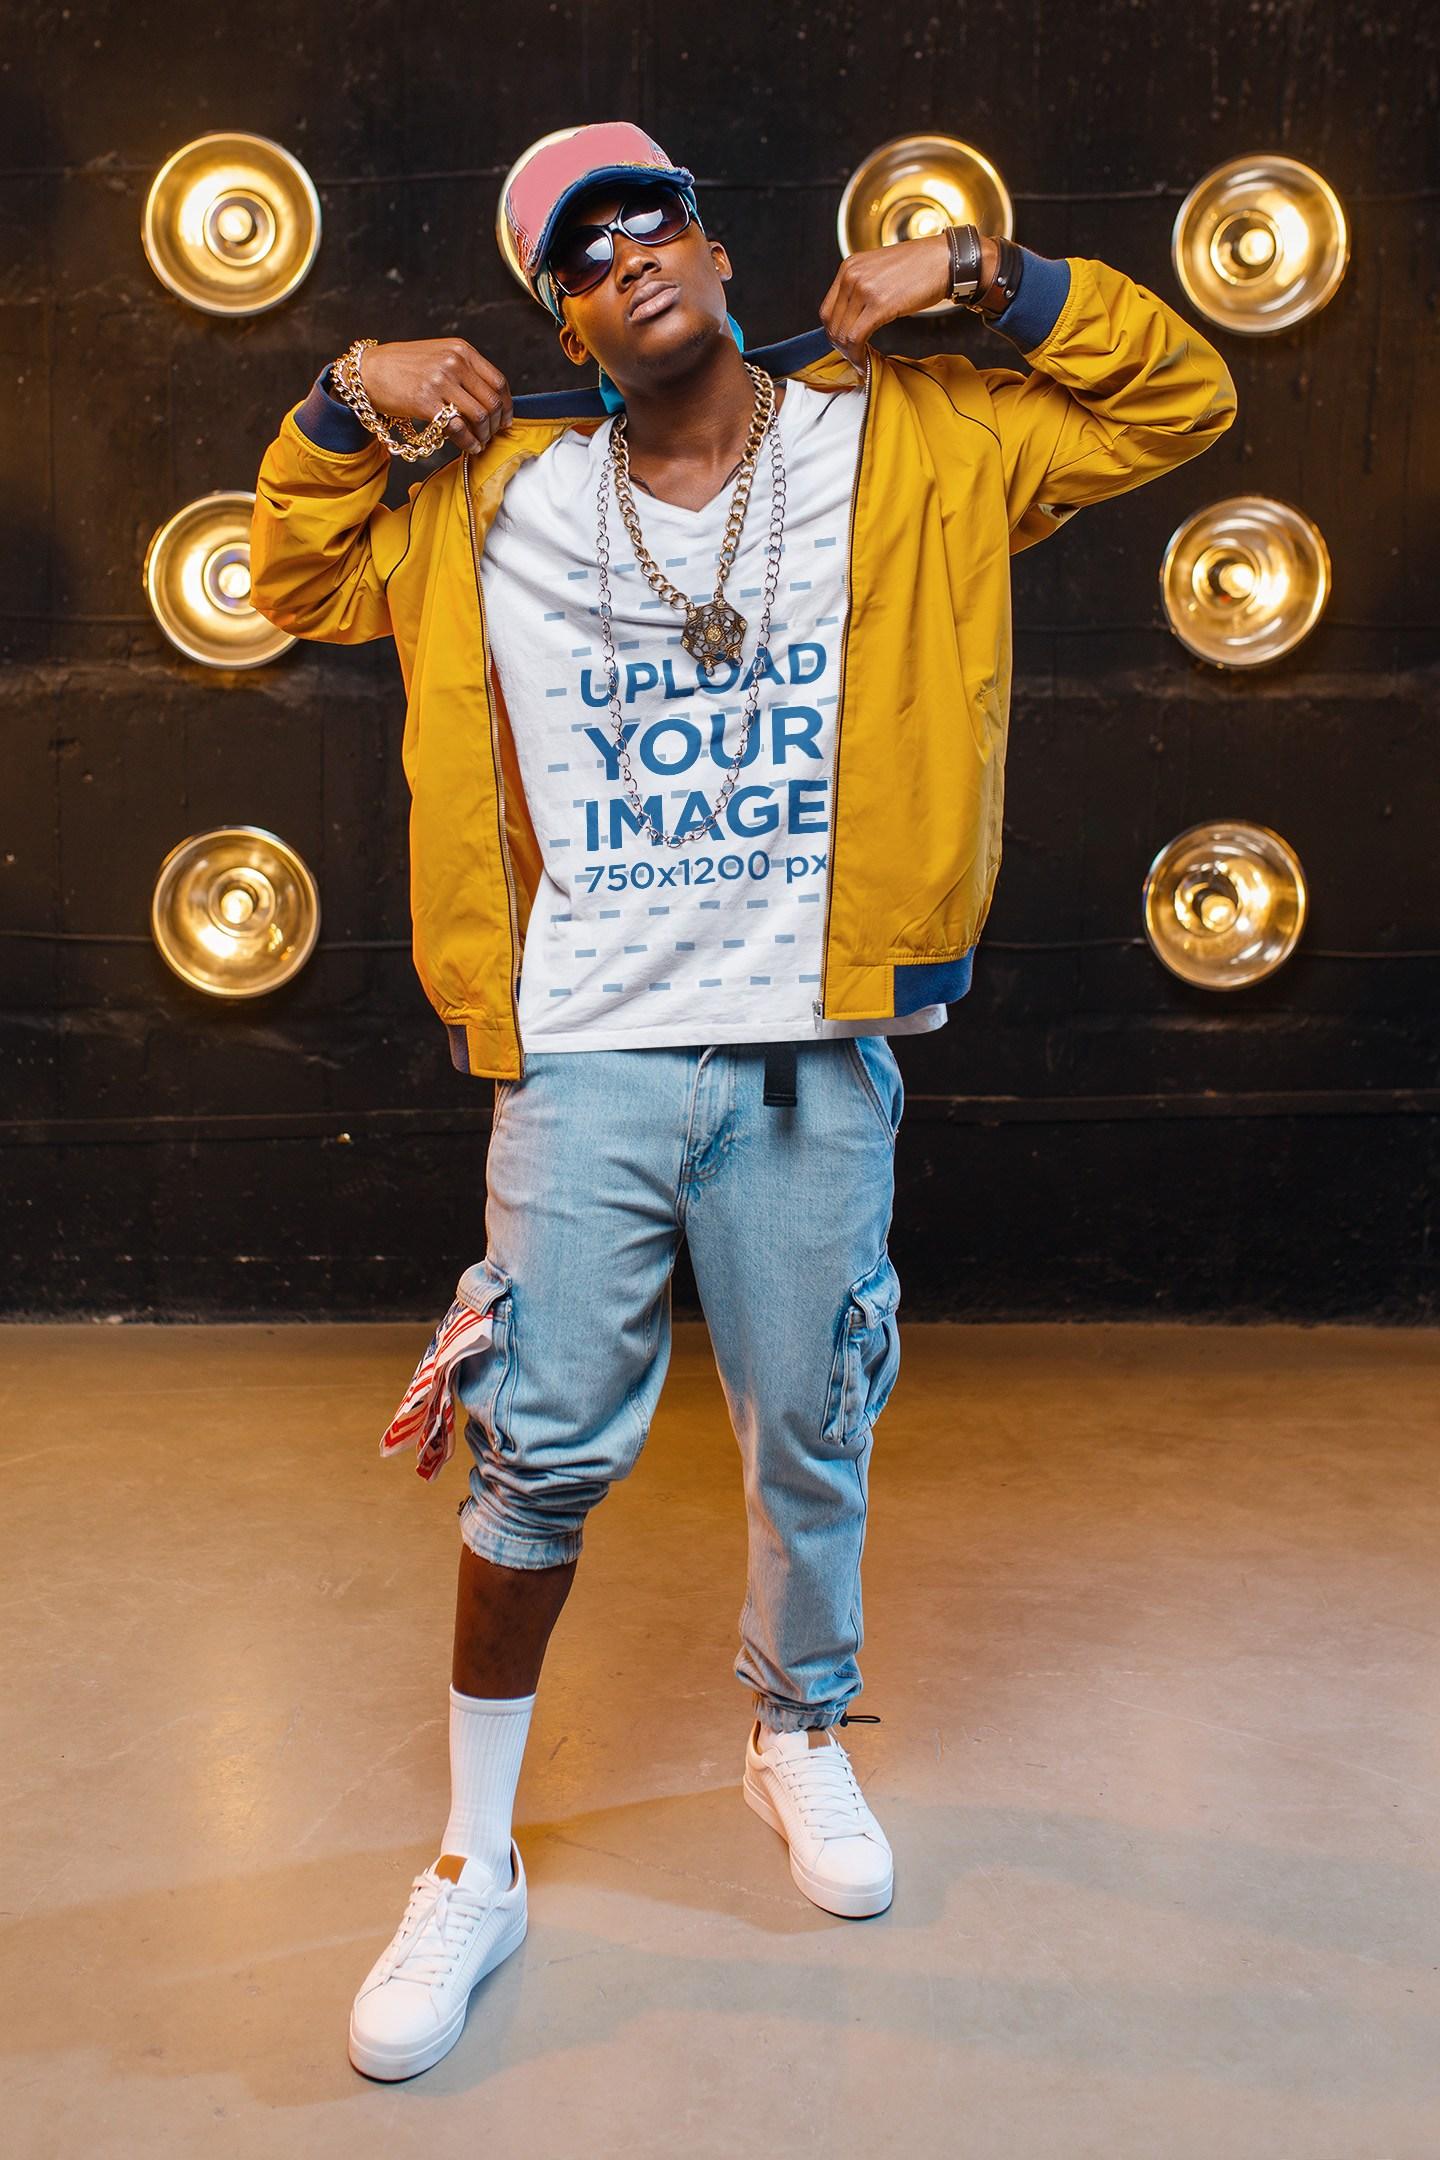 V-Neck T-Shirt Mockup of a Rapper Posing on a Set 40890-r-el2